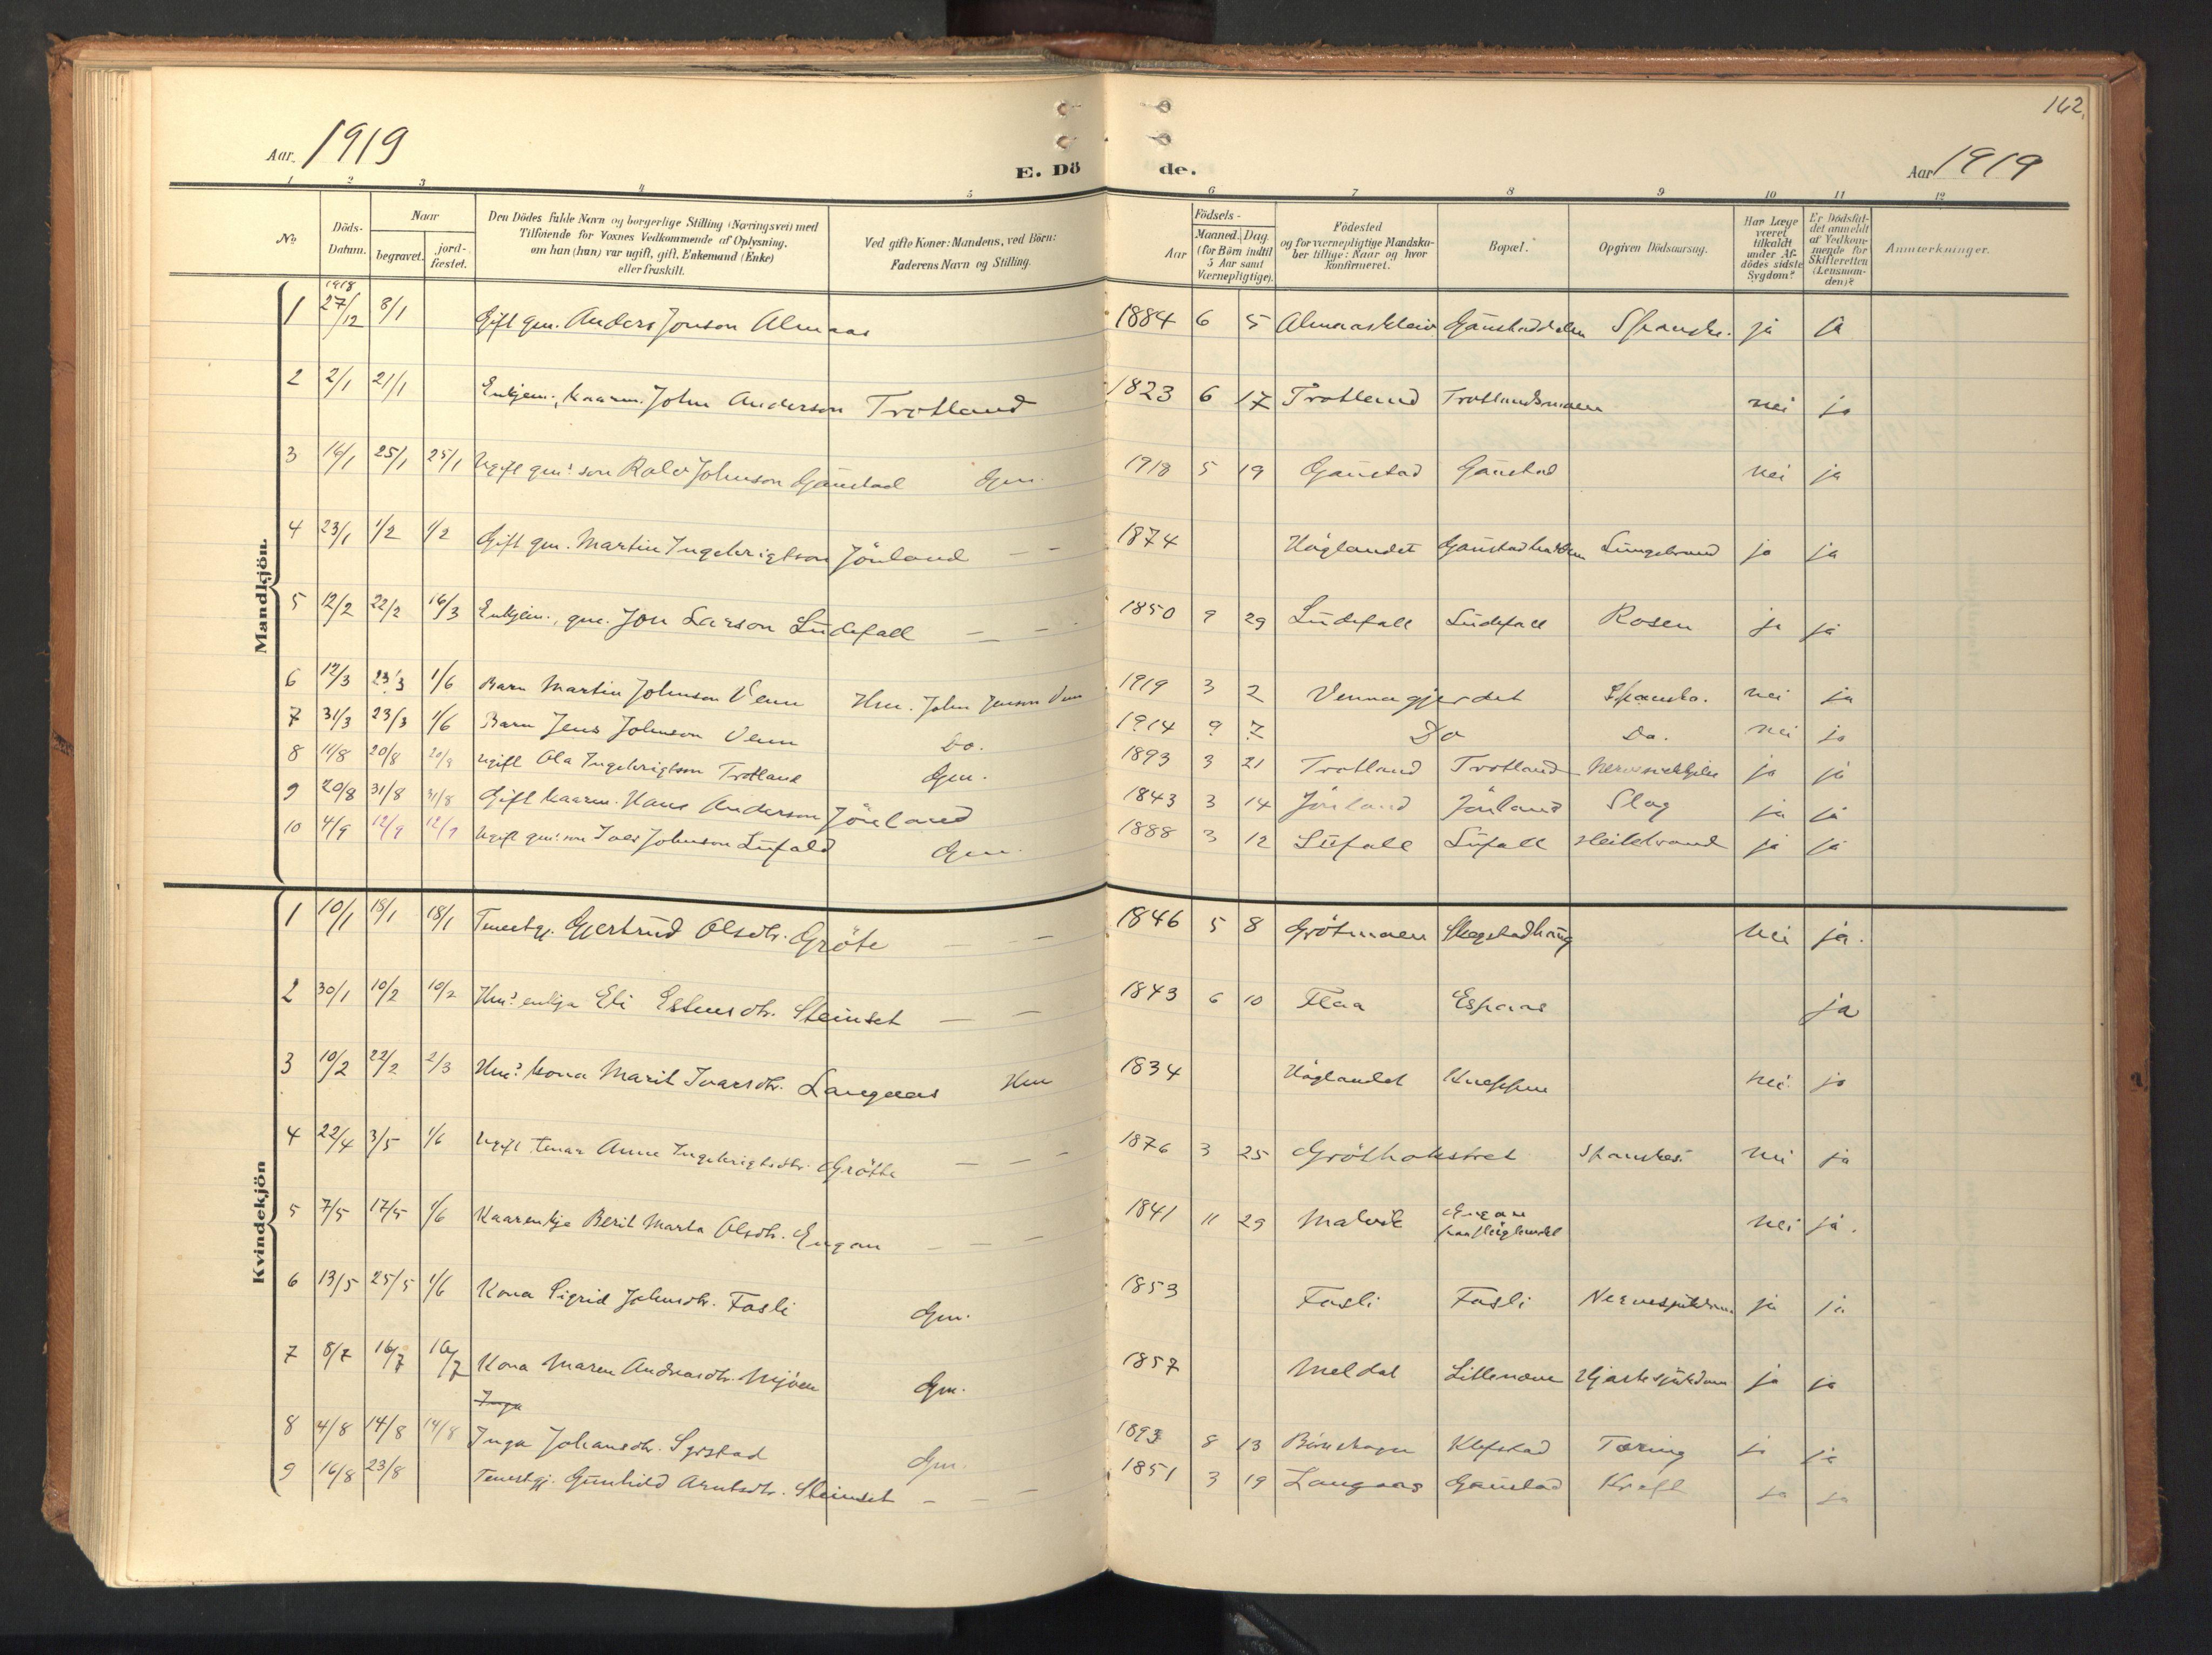 SAT, Ministerialprotokoller, klokkerbøker og fødselsregistre - Sør-Trøndelag, 694/L1128: Ministerialbok nr. 694A02, 1906-1931, s. 162